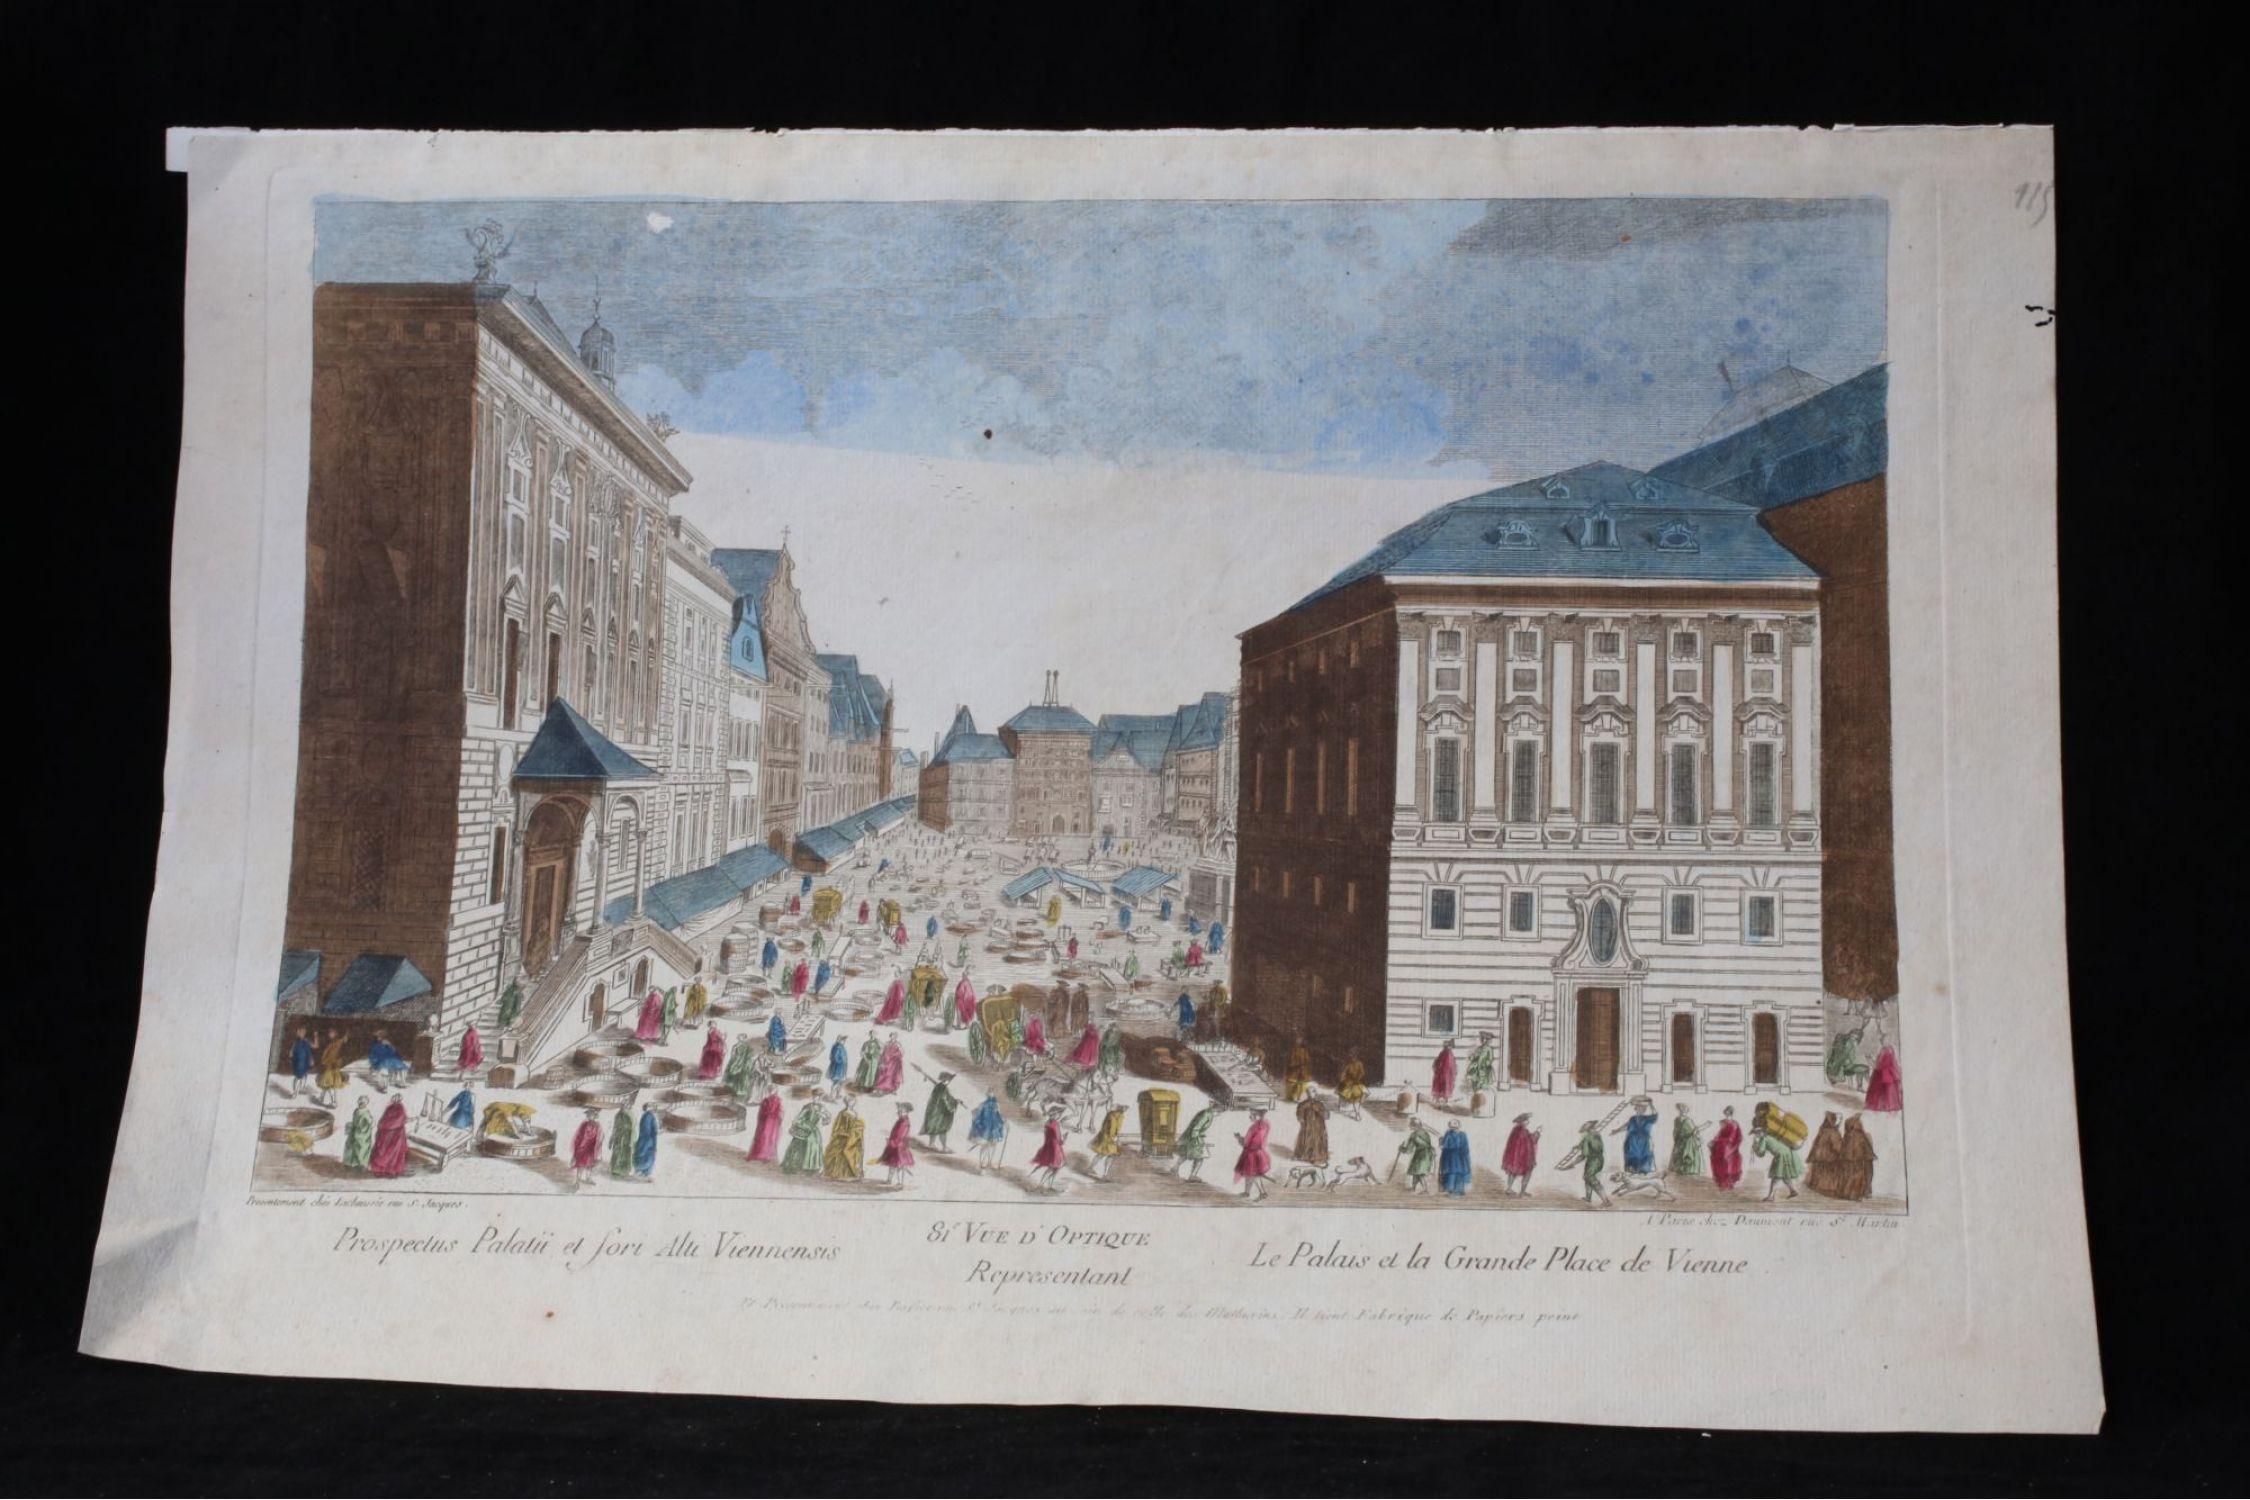 Vue d optique - Le palais et la grande place de Vienne - First edition -  Edition-Originale.com b4b9d04687f7